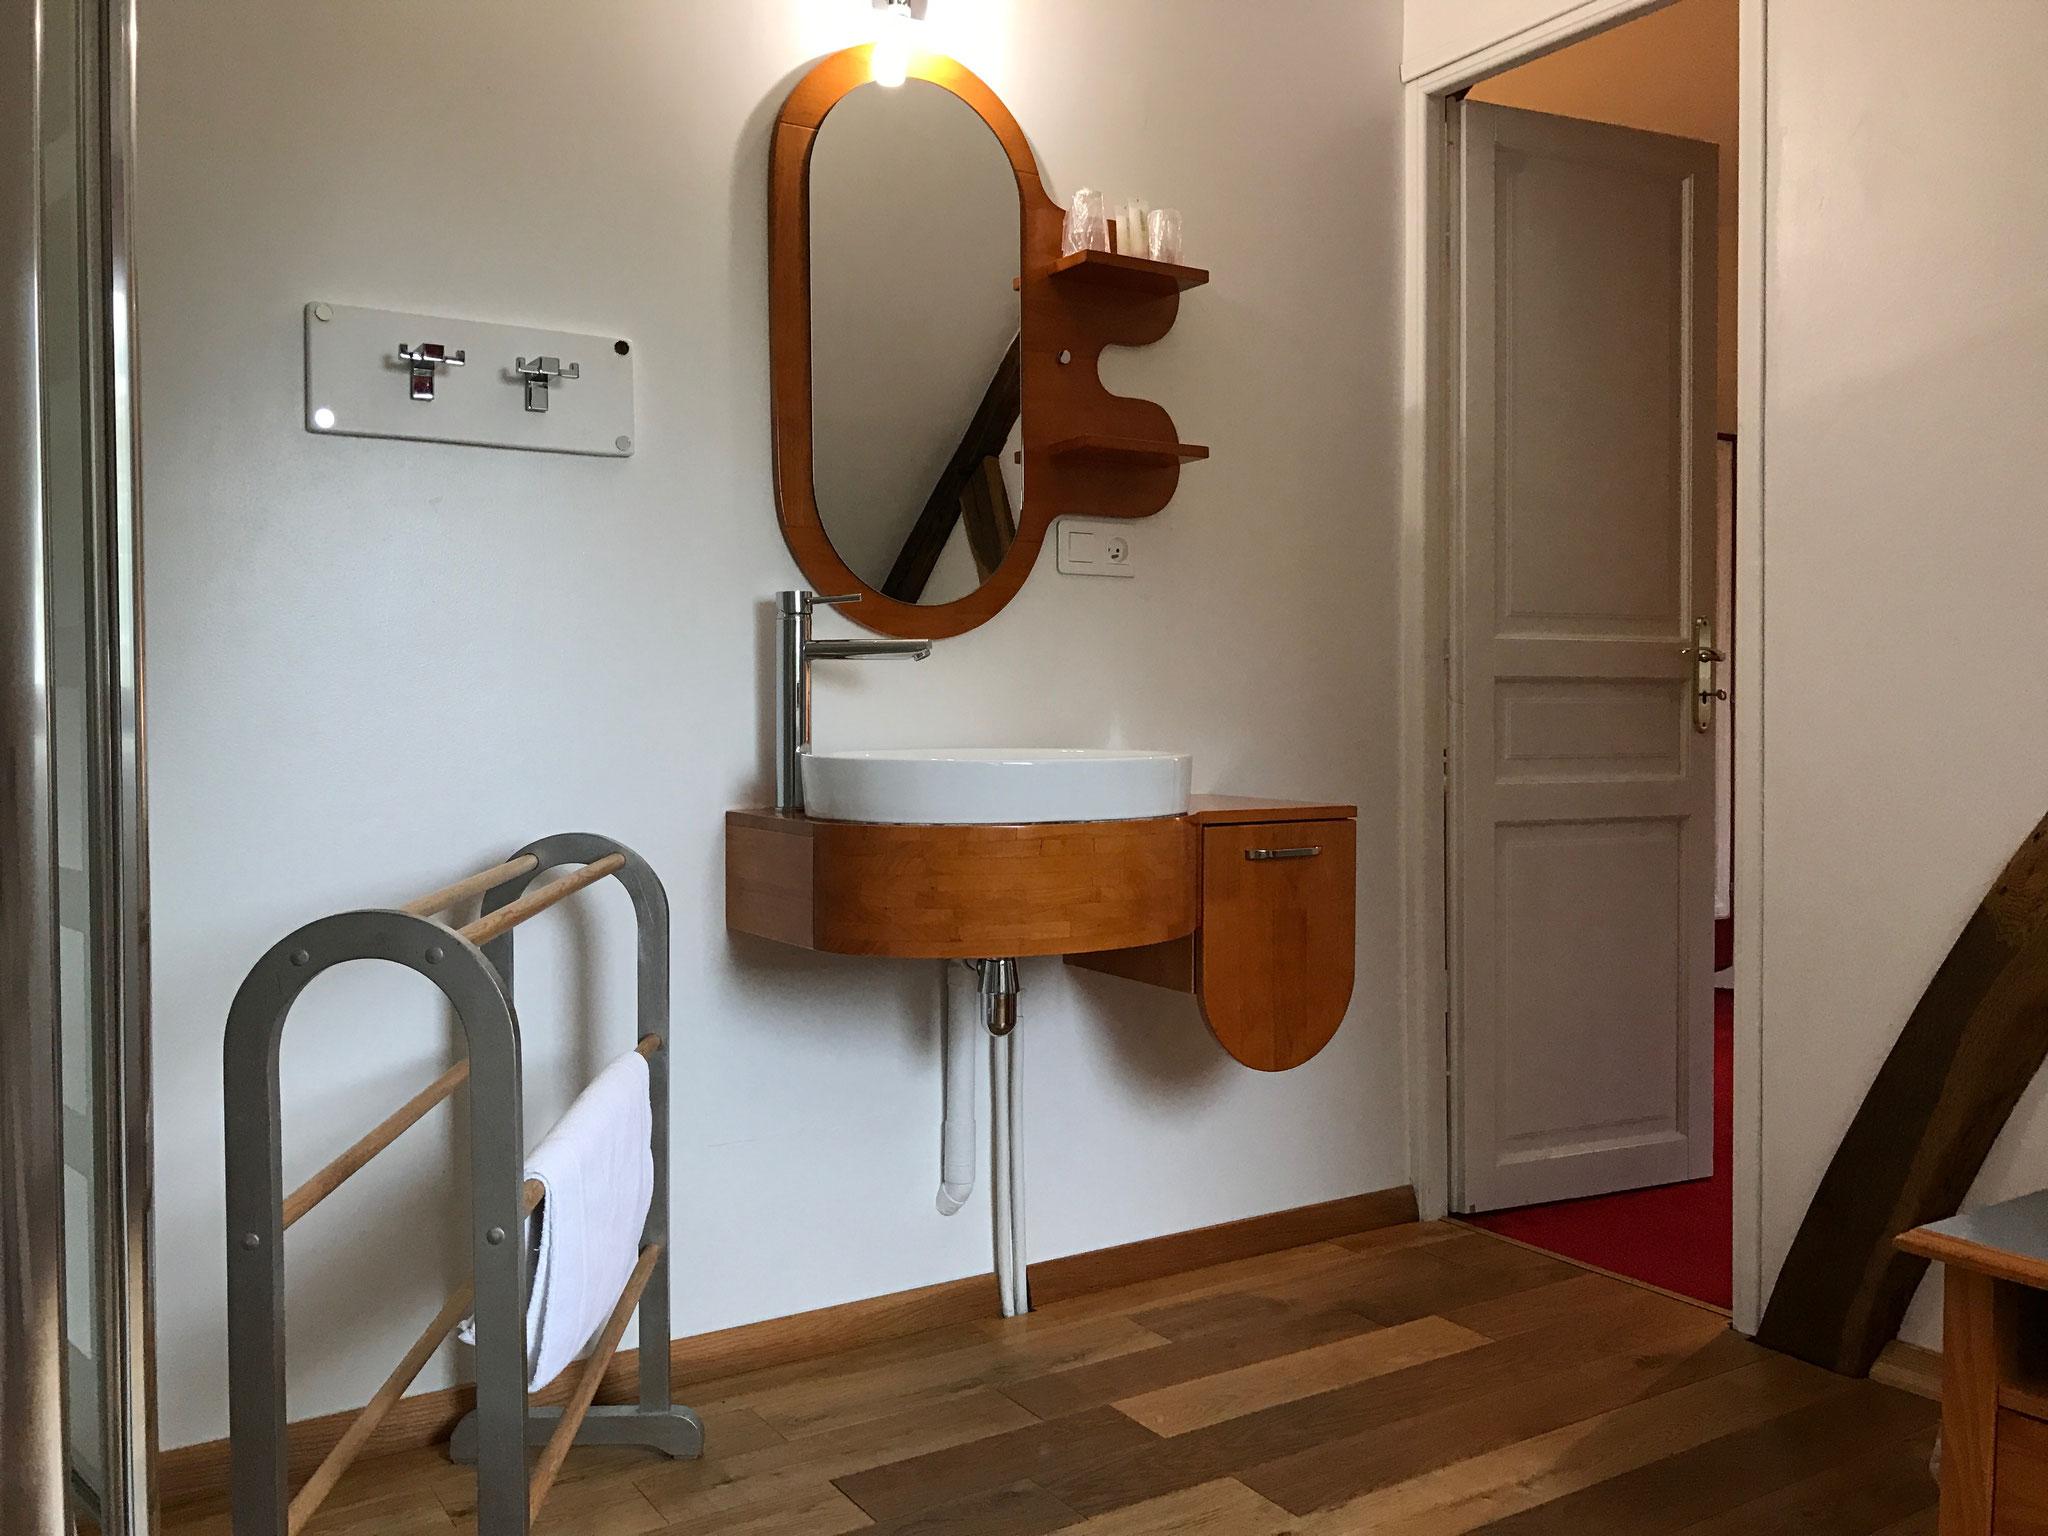 Salle d'eau (douche, lavabo, wc, sèche-cheveux)